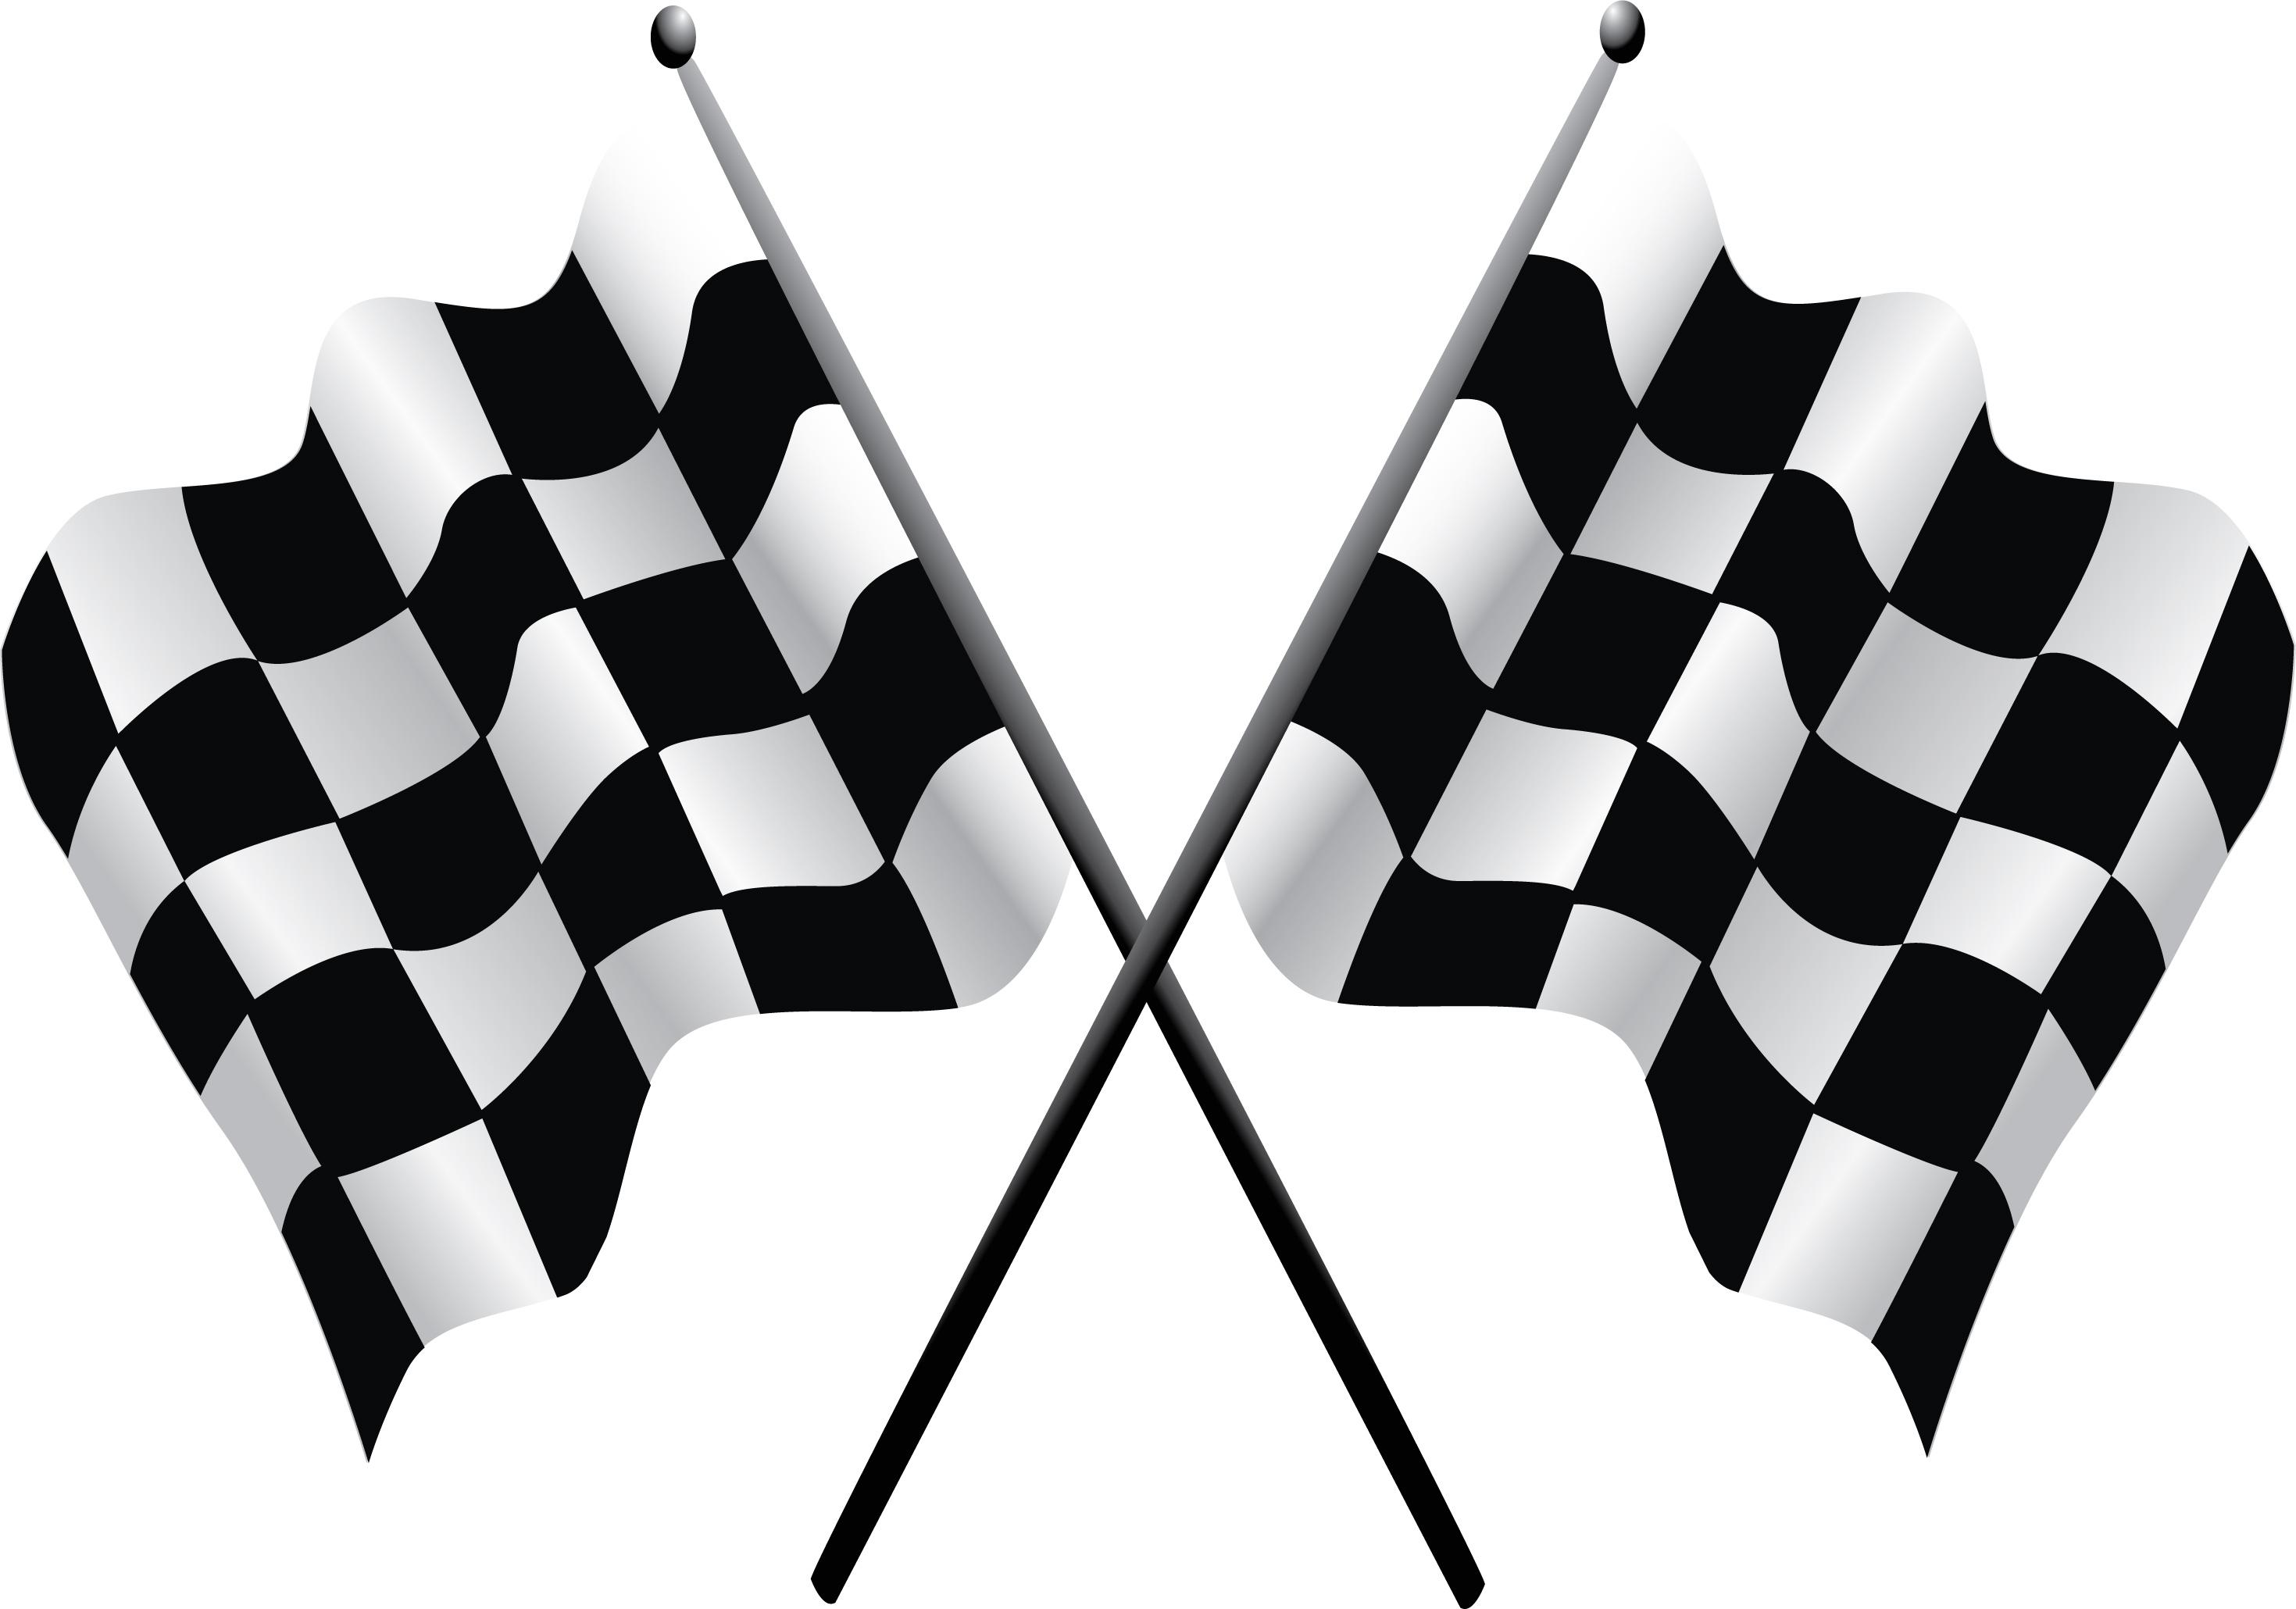 Checkered Flag Clipart - Clipart Kid